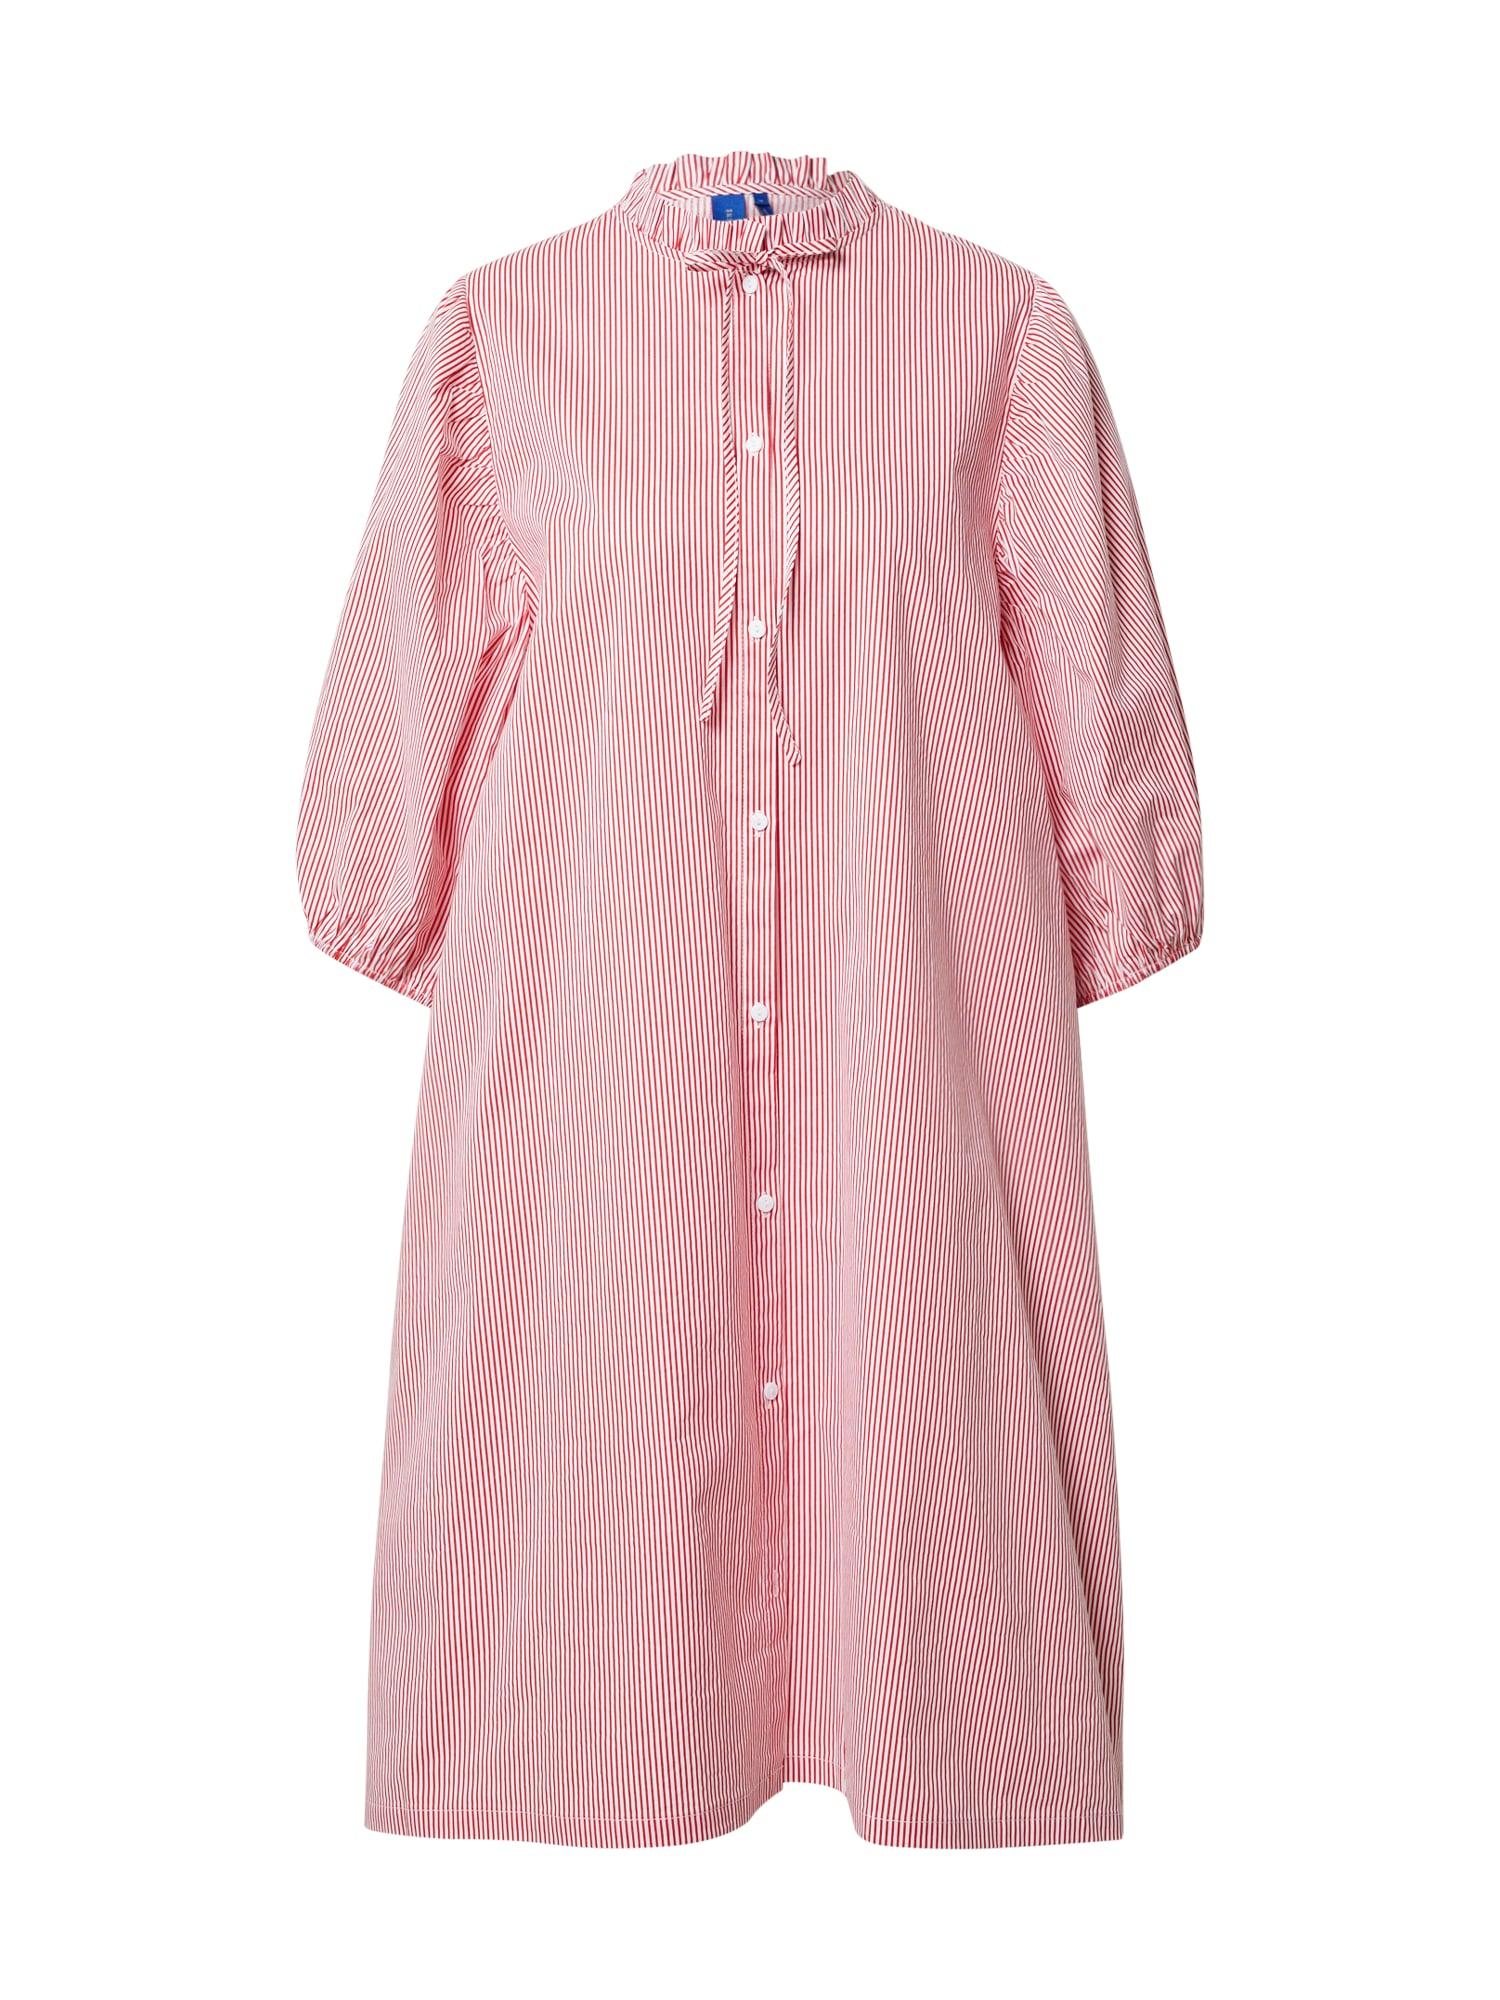 Résumé Palaidinės tipo suknelė raudona / balta